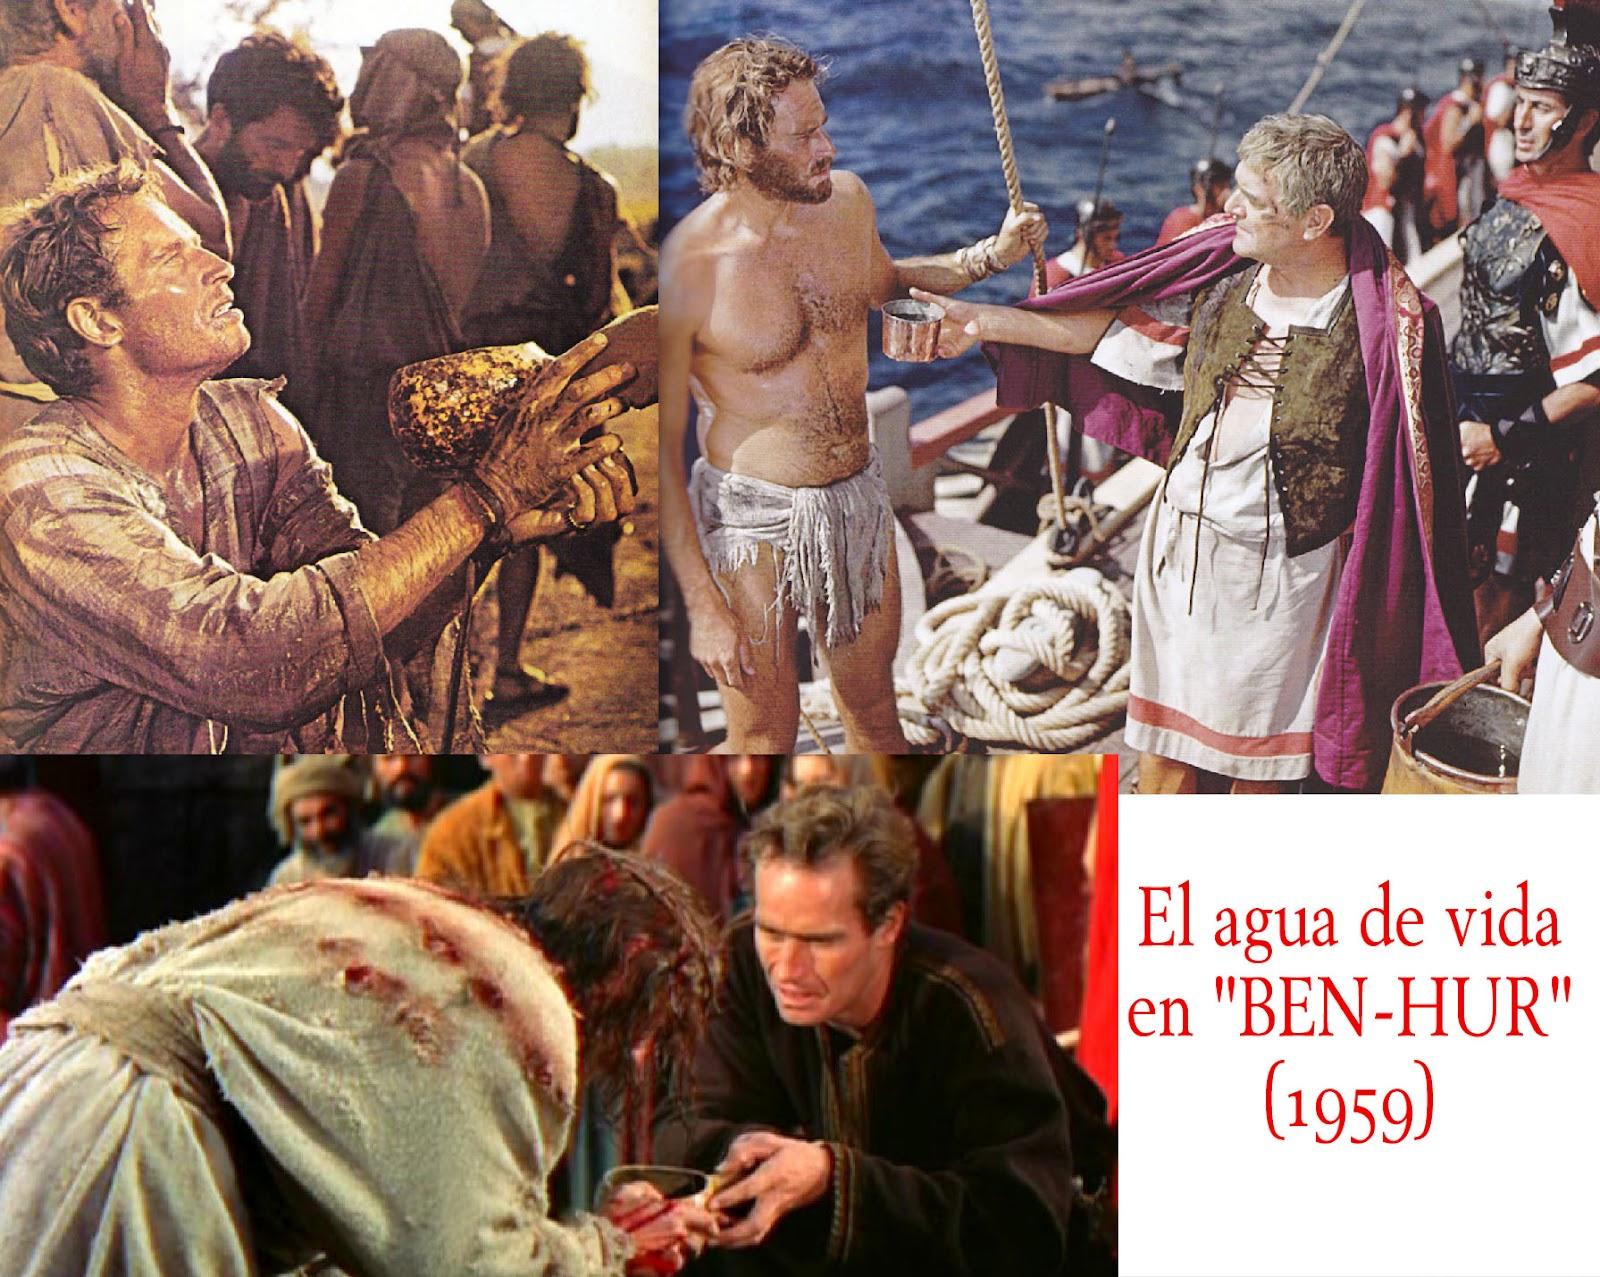 http://4.bp.blogspot.com/-GS7fVDICPnA/T35KRMRJM4I/AAAAAAAAAKM/cyDSyaMp8zk/s1600/Agua+de+vida+en+Ben-Hur,+1959.jpg